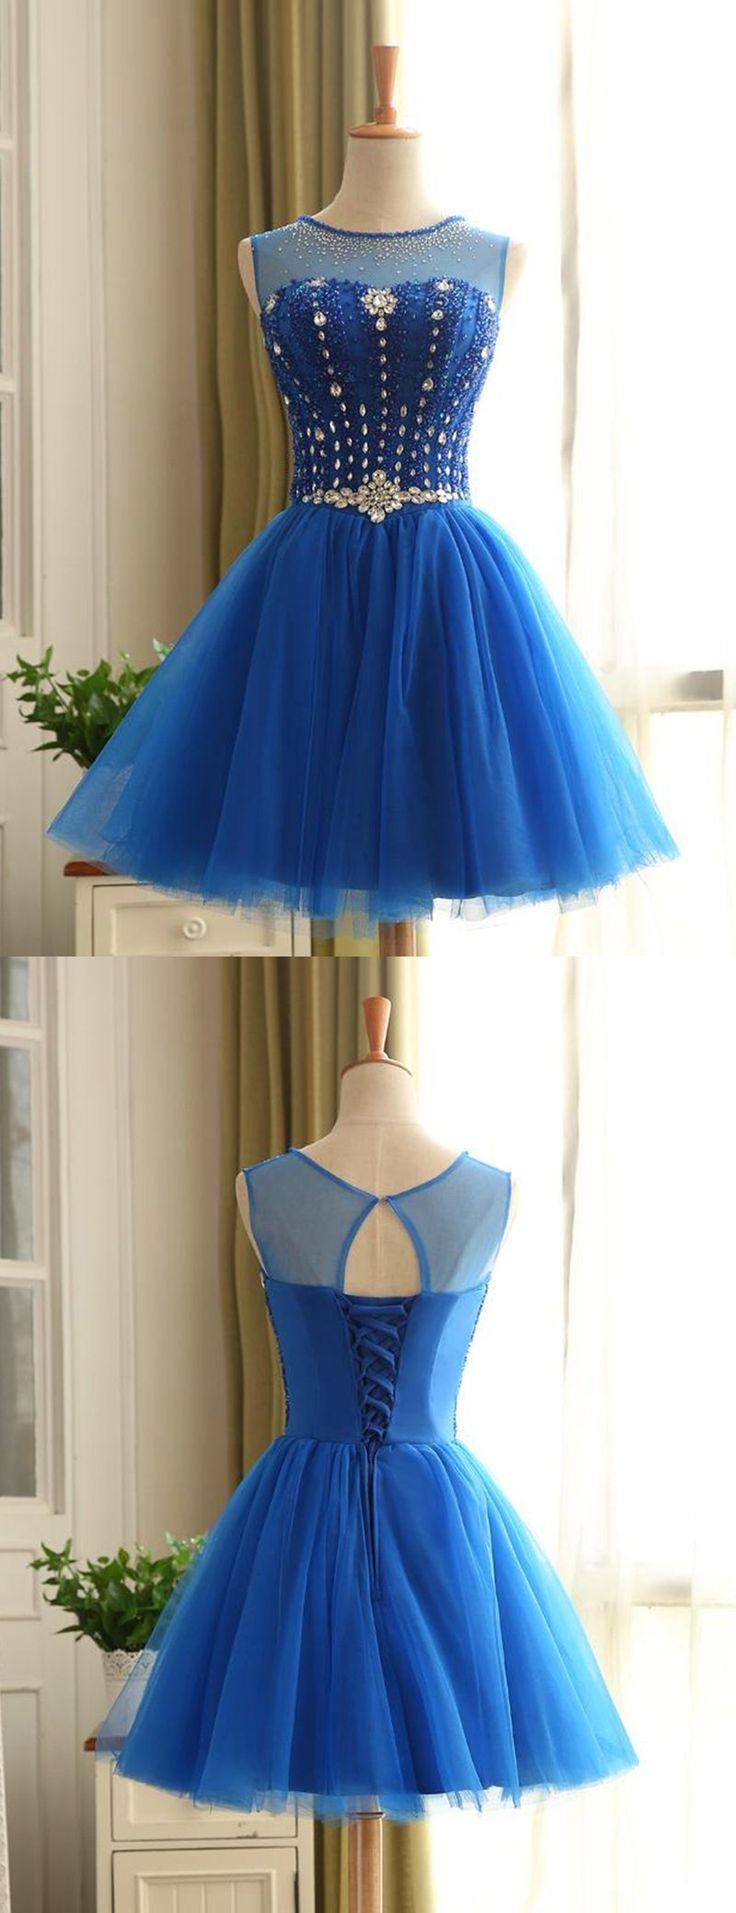 Best 25+ Short prom dresses ideas on Pinterest ...